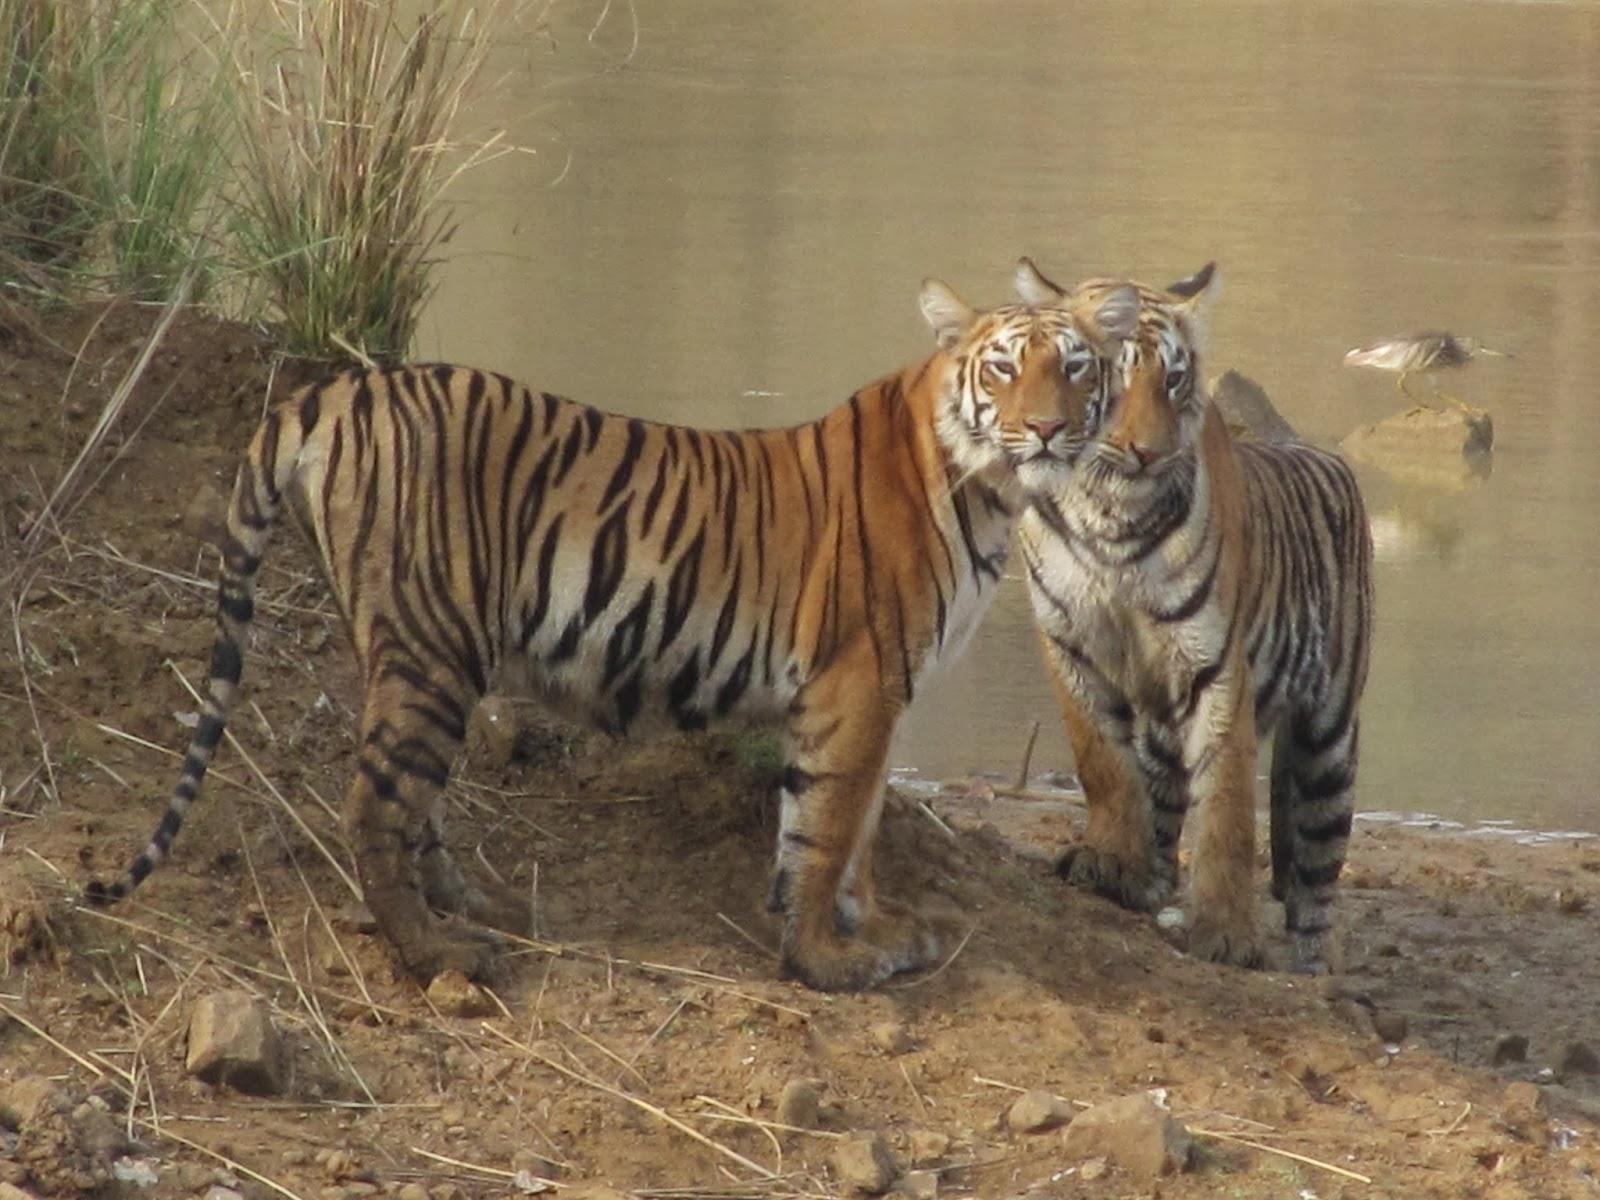 Sawai Madhopur - Rajasthan